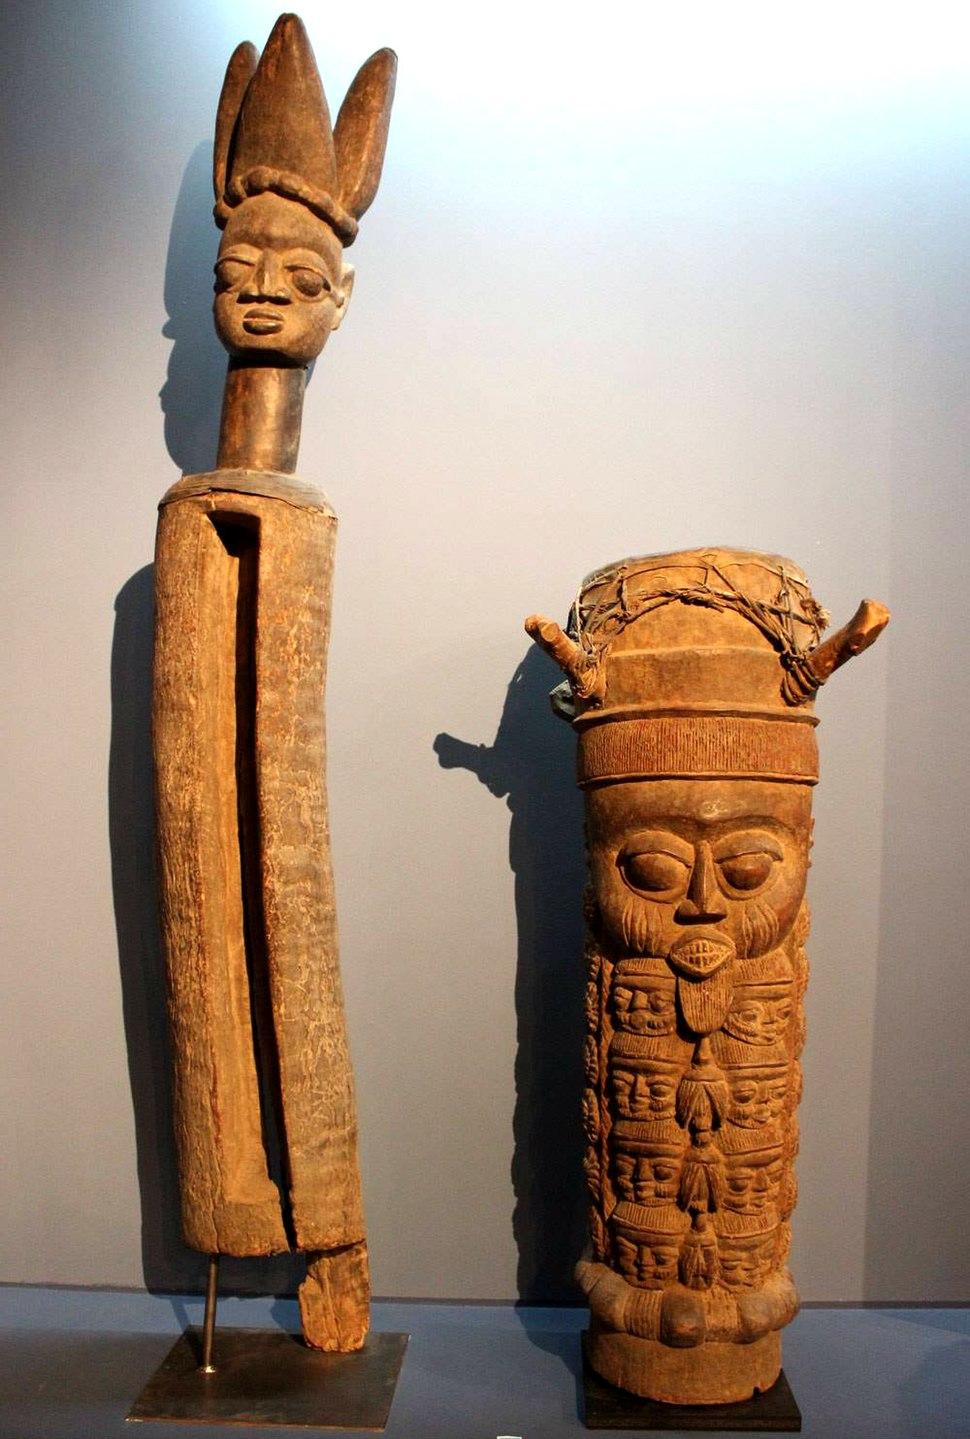 Yoruba slit drum